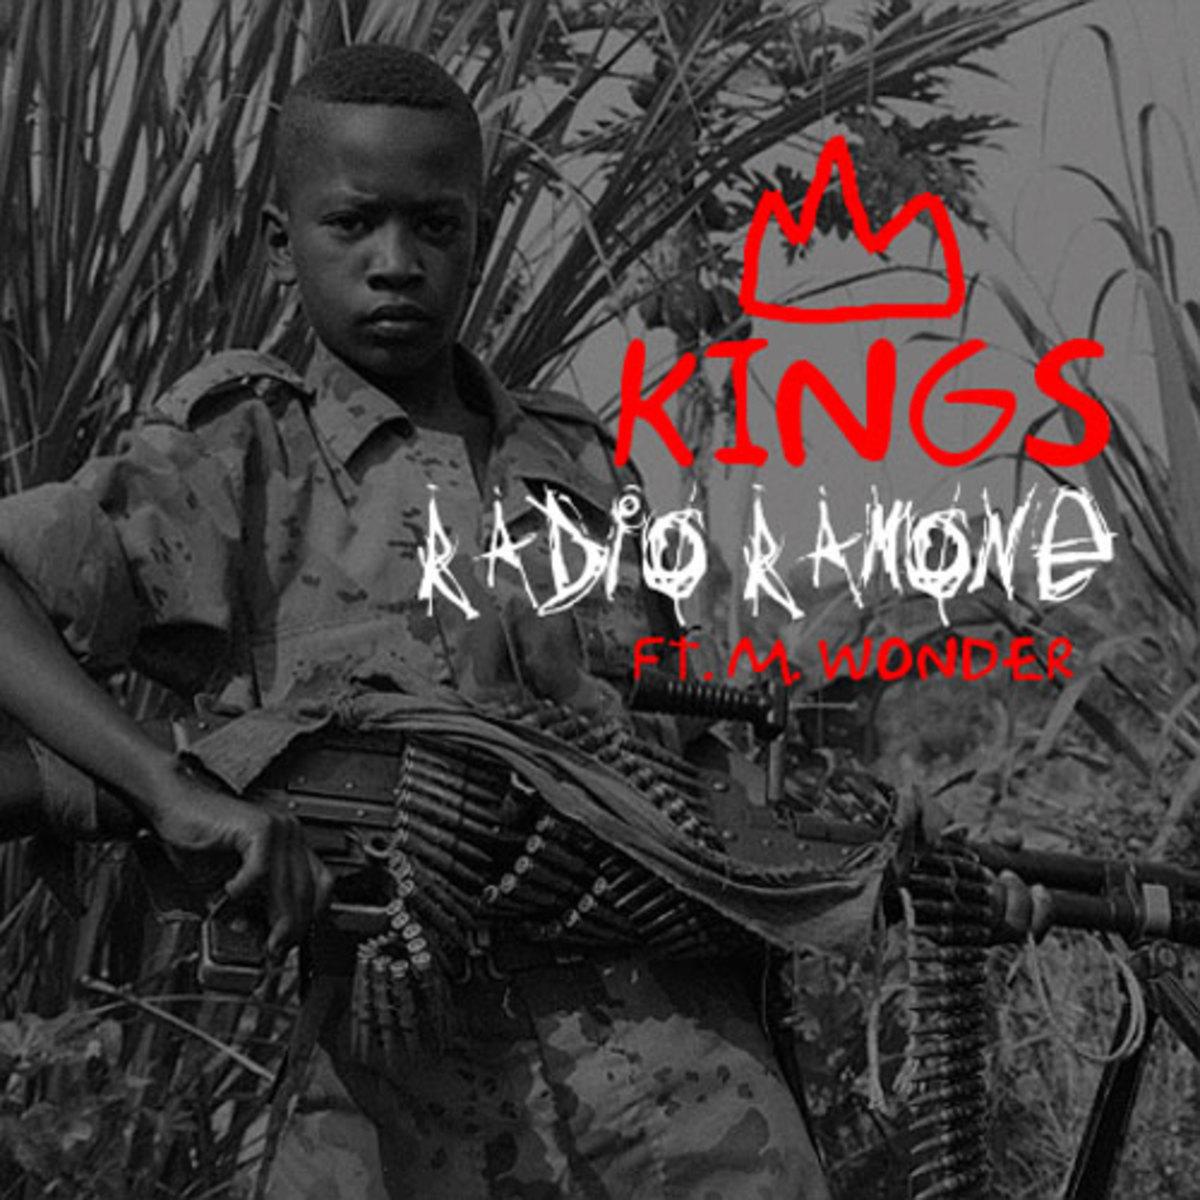 radioramone-kings.jpg